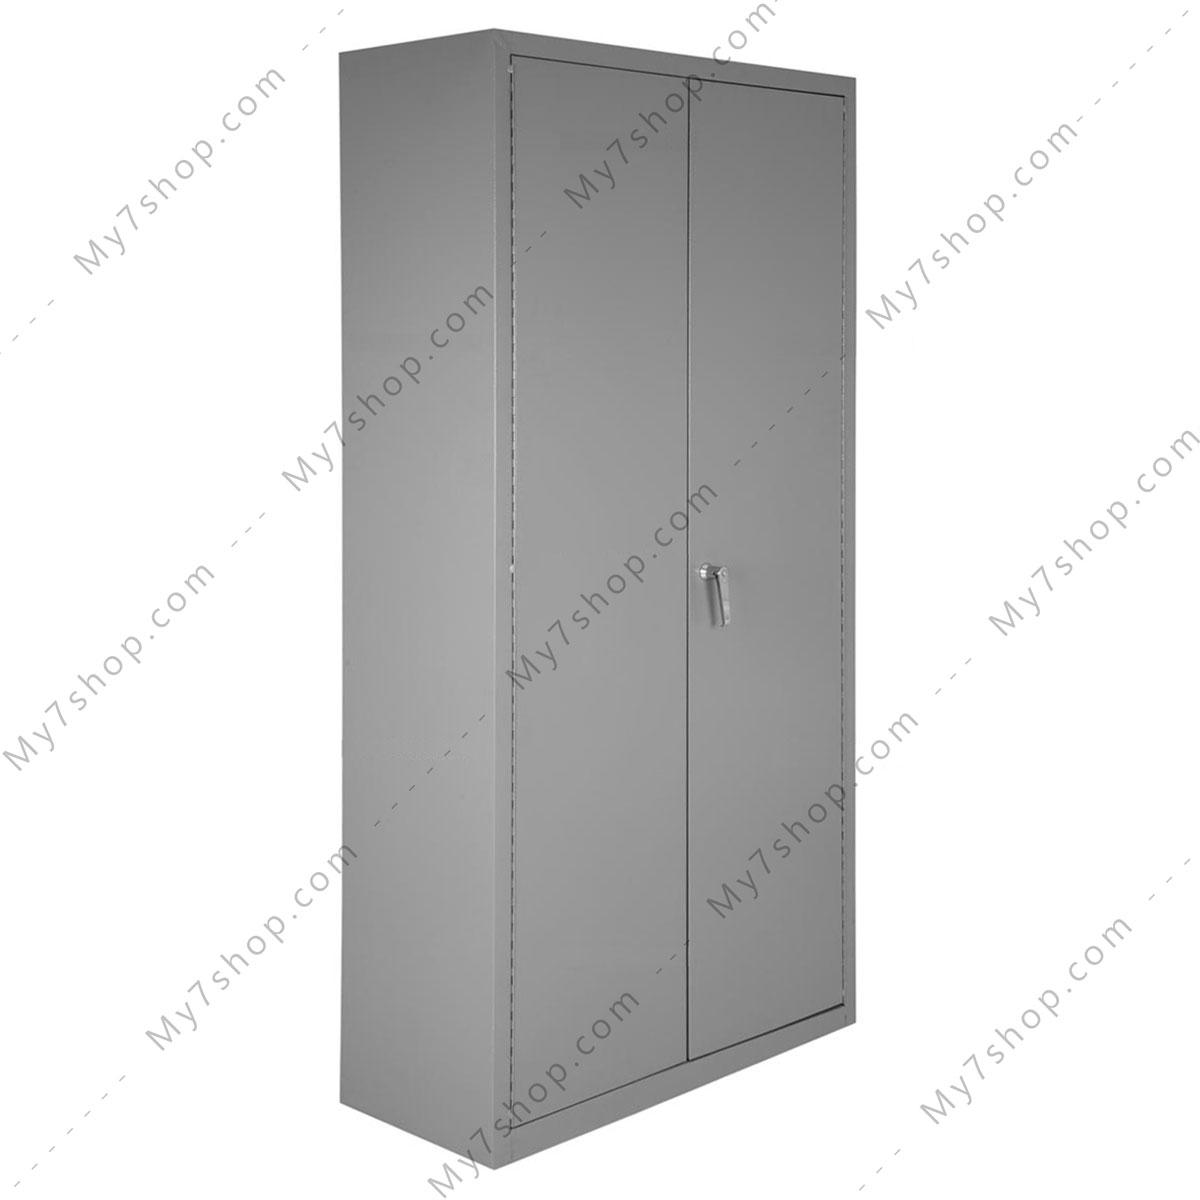 کمد-فلزی-6310-2